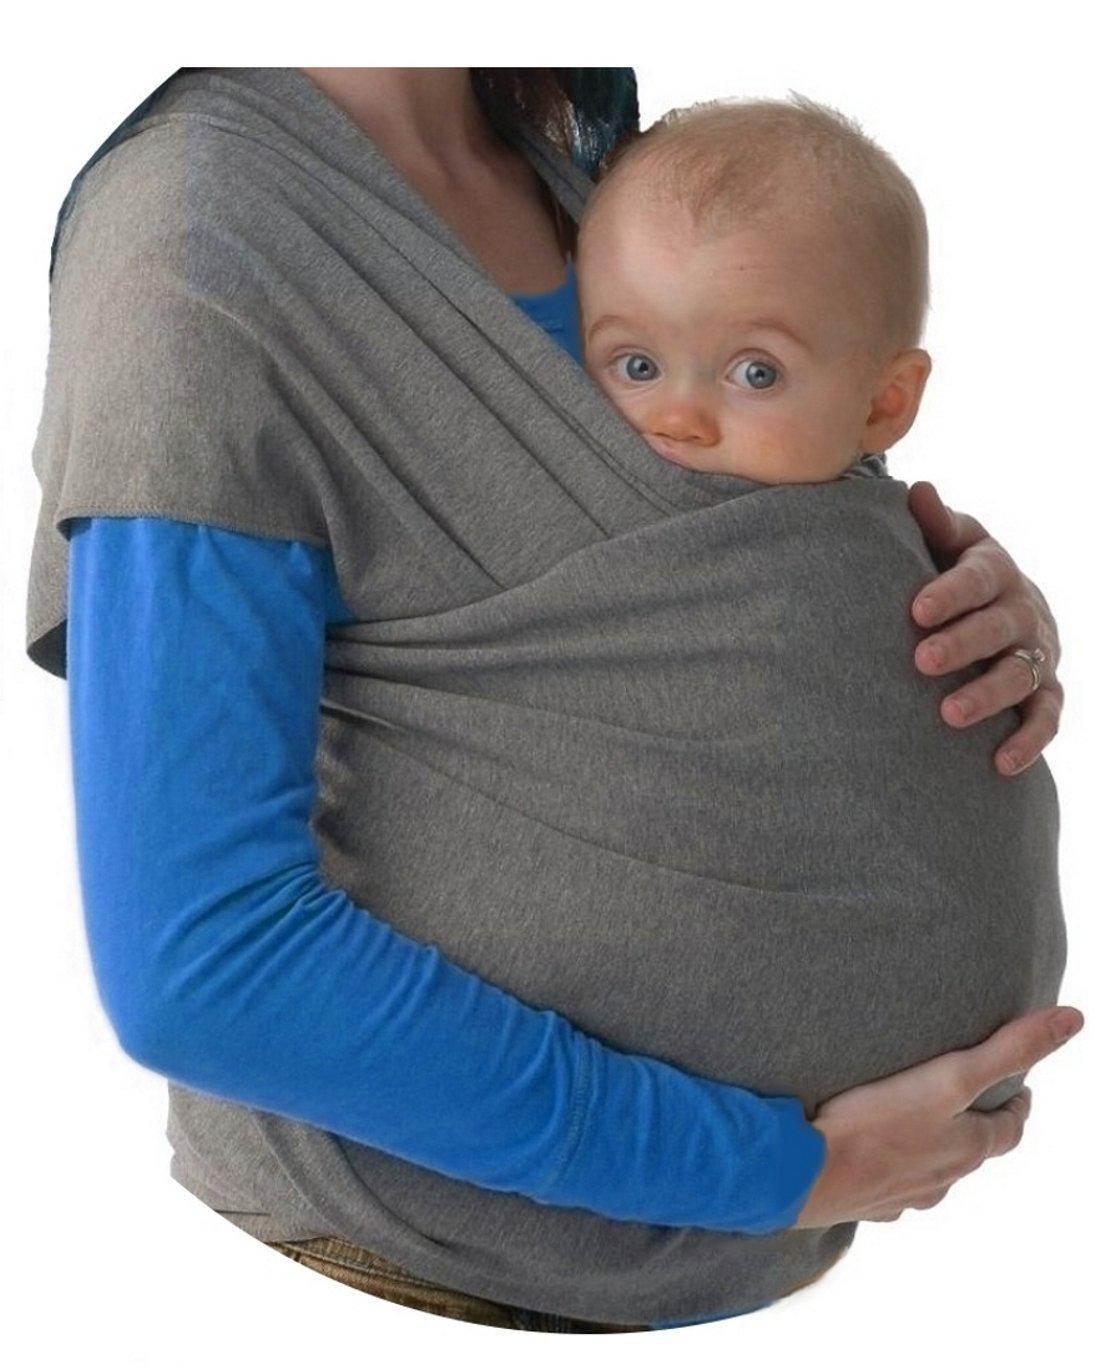 Echarpe de Portage pour transporter le Bébé ✮ Sac à dos Porte Bébé ✮ Echarpe Sling ● Prenez votre Bébé près de votre Cœur Mipies